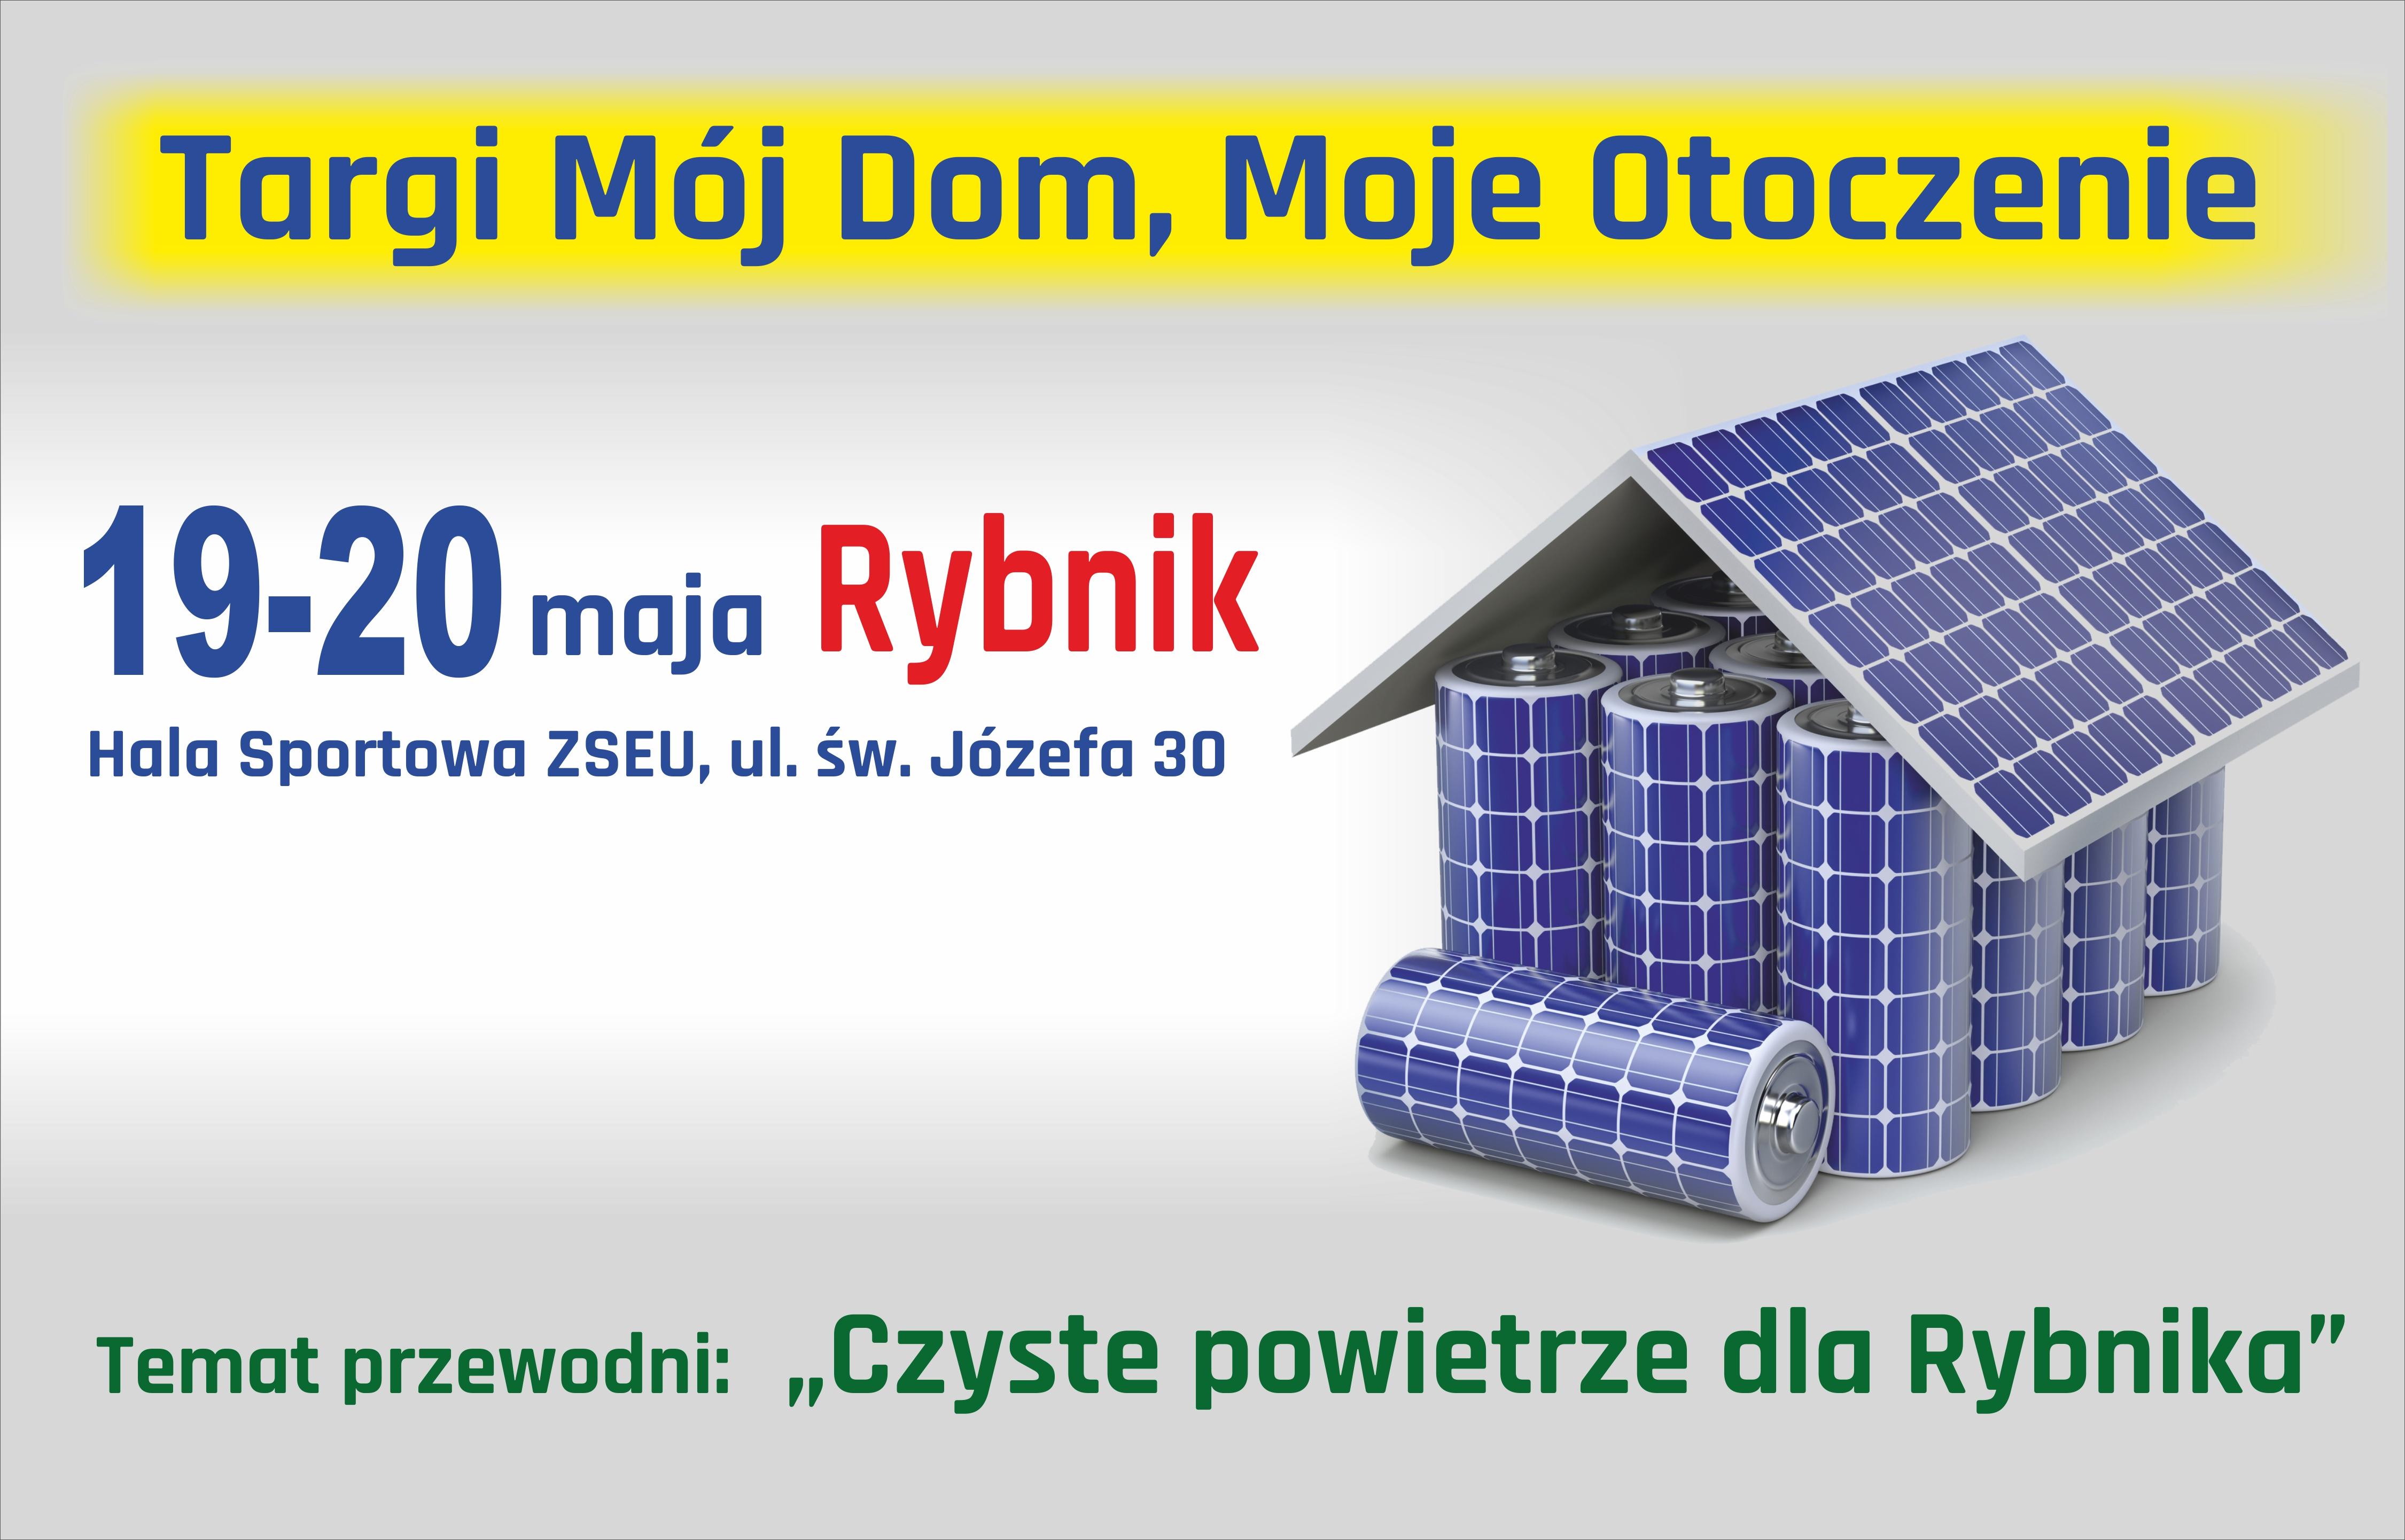 Targi Dom już w ten weekend Promocja-Targi.pl